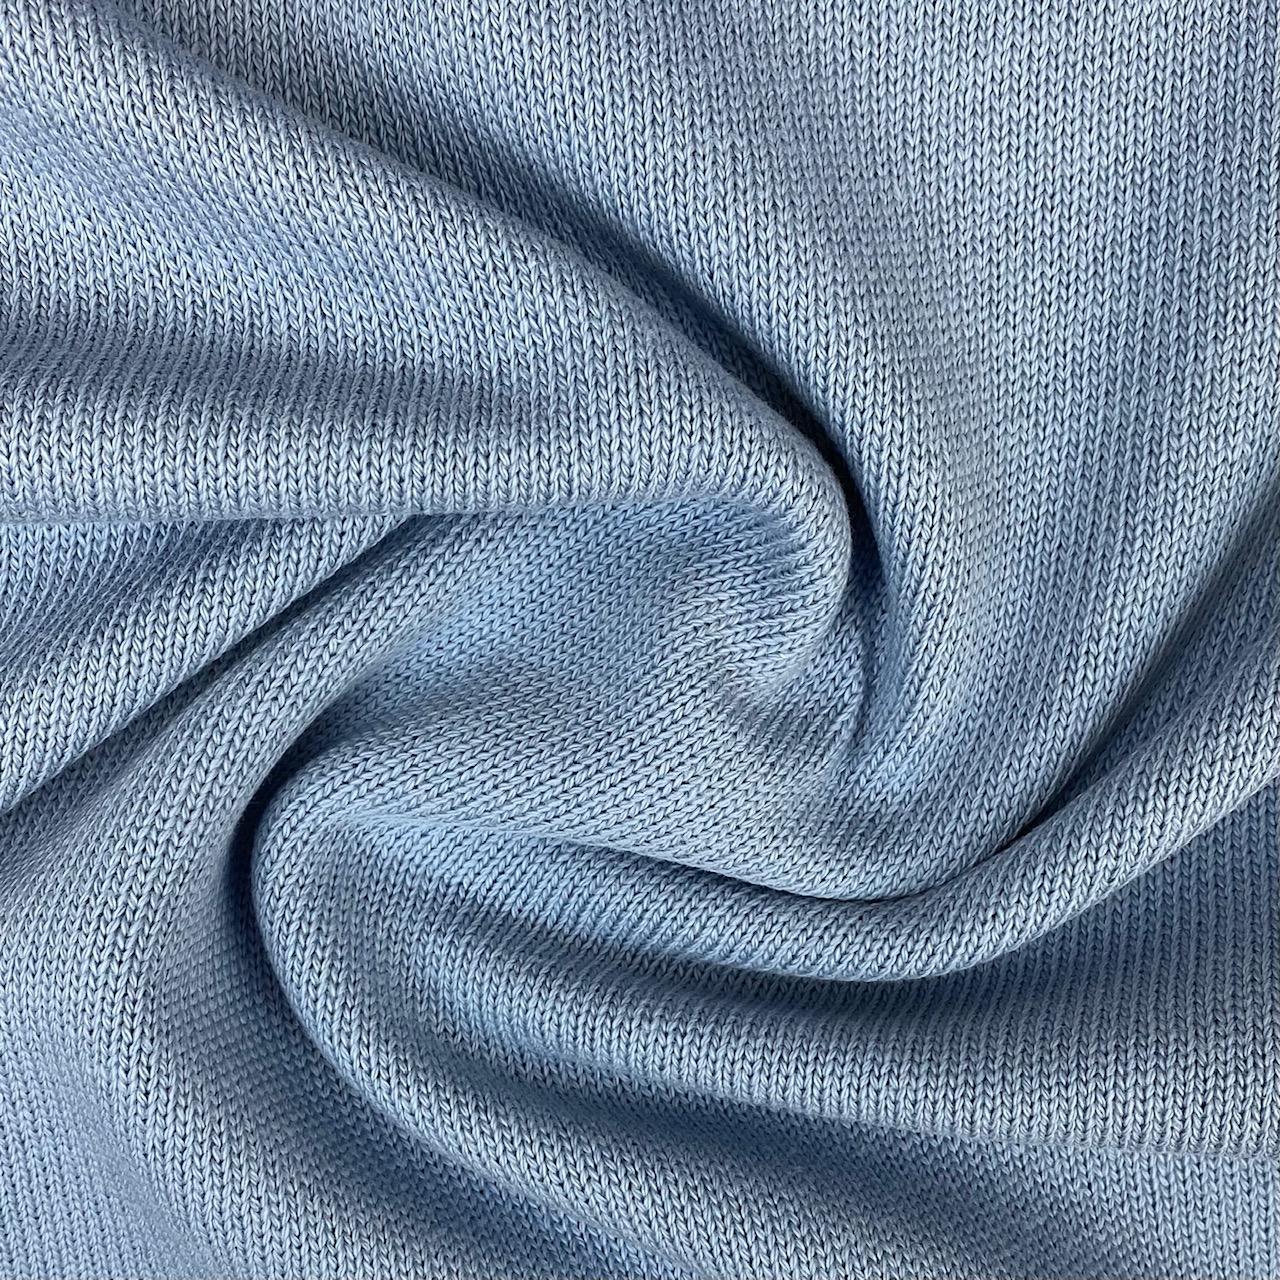 Feiner Strickstoff, Baumwolle hellblau. Art. 4199-401